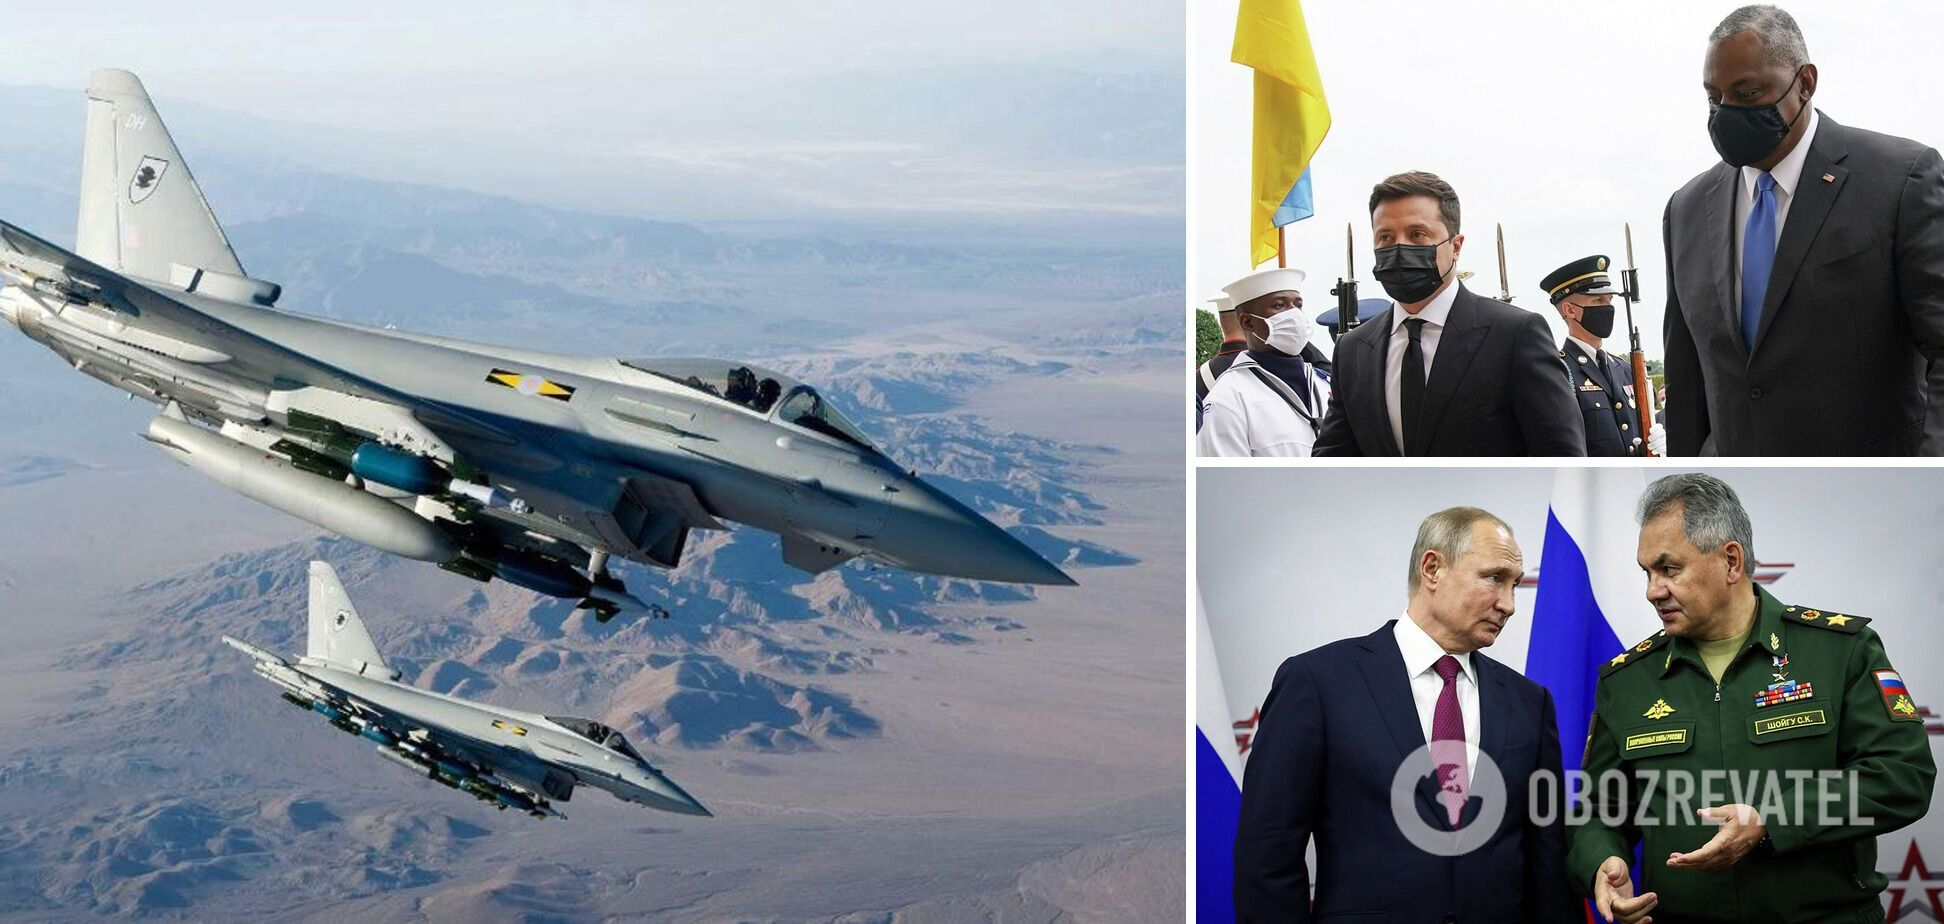 Черноморская провокация России: государство-пират уверовало в свою безнаказанность